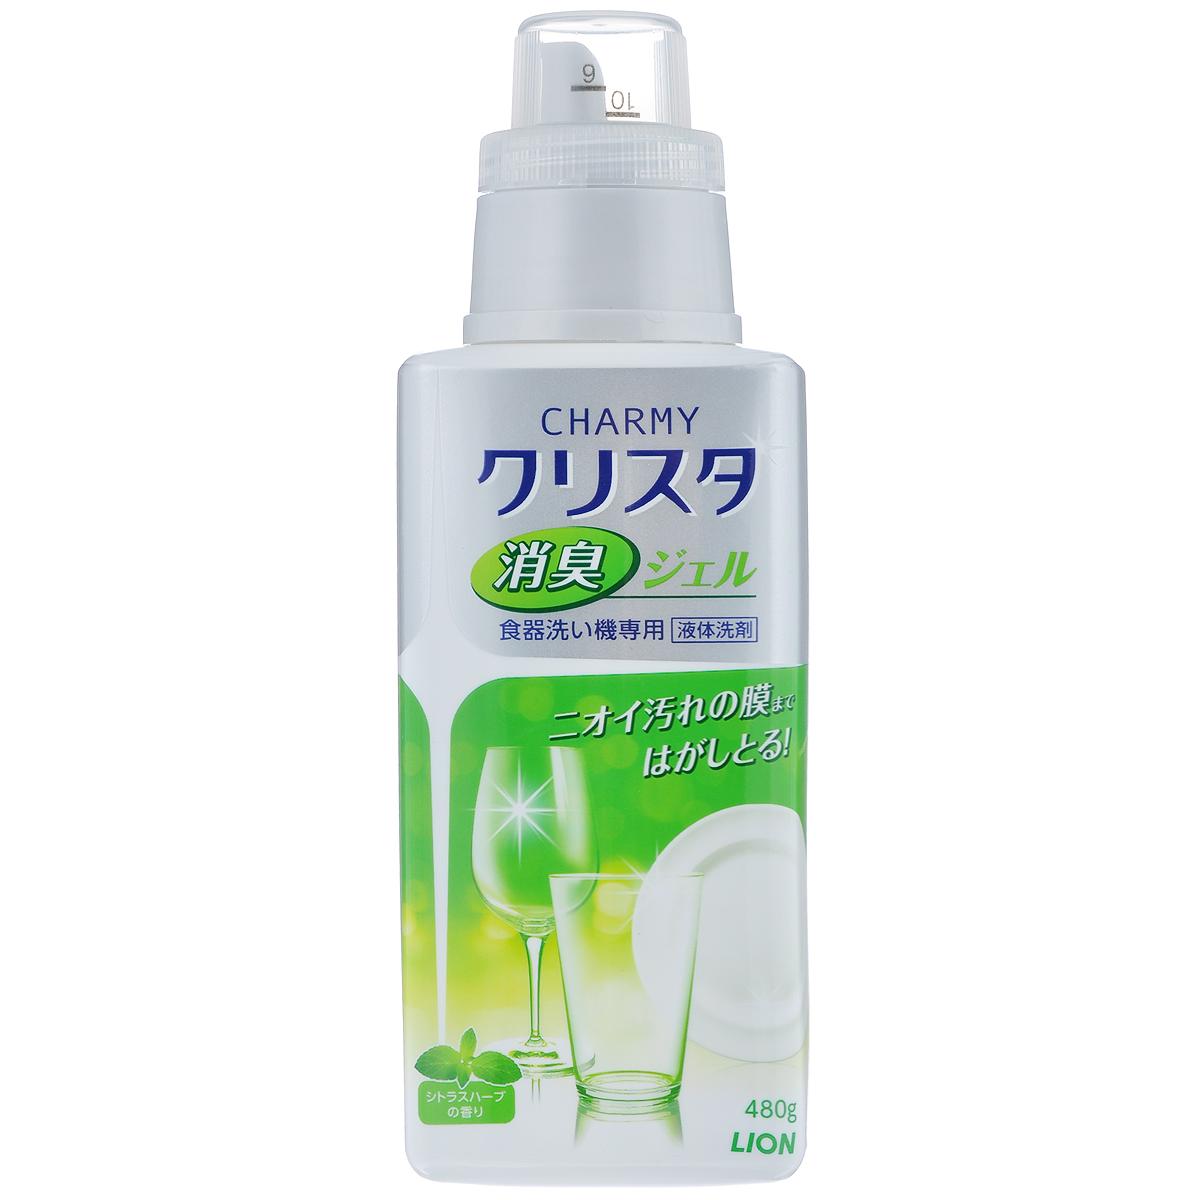 Гель для посудомоечных машин Lion Charmy, с ароматом цитруса, 480 мл130461Гель для посудомоечных машин Lion Charmy отлично справляется с жиром, даже пригоревшим. Придает блеск стеклянной посуде. Экстракт цитрусовых придает нежный аромат, нейтрализует неприятные запахи, которые обычно остаются после мытья посуды.Не используйте для лакированной и серебряной посуды, посуды с позолотой, посеребренной посуды, посуды с нанесенным на поверхность рисунком.Состав: поверхностно активные вещества (сульфат алкил эфир 46%, натриум сложный эфир, полиоксиэтилен, жирные кислоты, алканоламида, сульфат натрий алкиловой кислоты, оксидаминалкил), стабилизатор, связующее вещество. Товар сертифицирован.